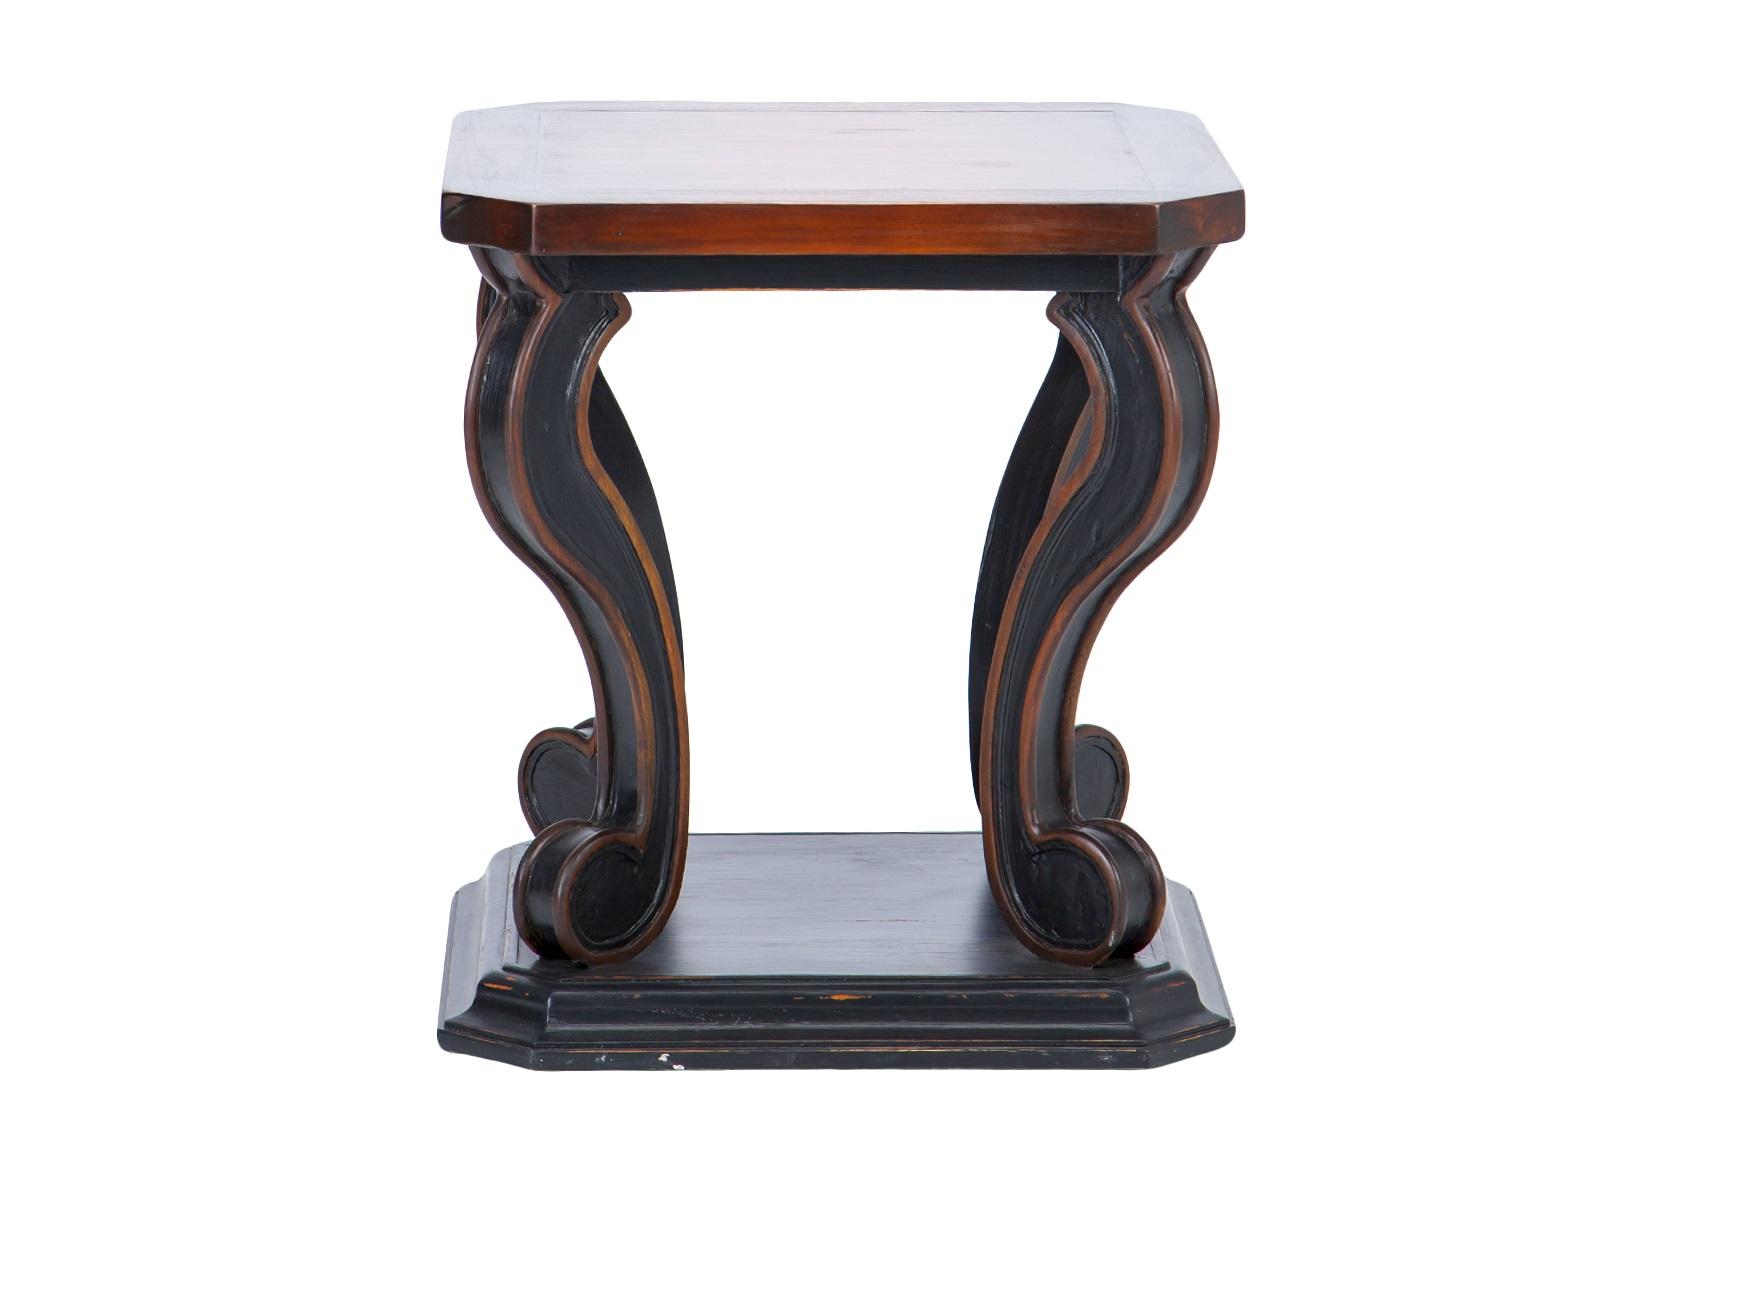 Ламповый столикПриставные столики<br>Ламповый столик из дерева махагони, декорирован старением.<br><br>Material: Красное дерево<br>Length см: None<br>Width см: 61<br>Depth см: 61<br>Height см: 66